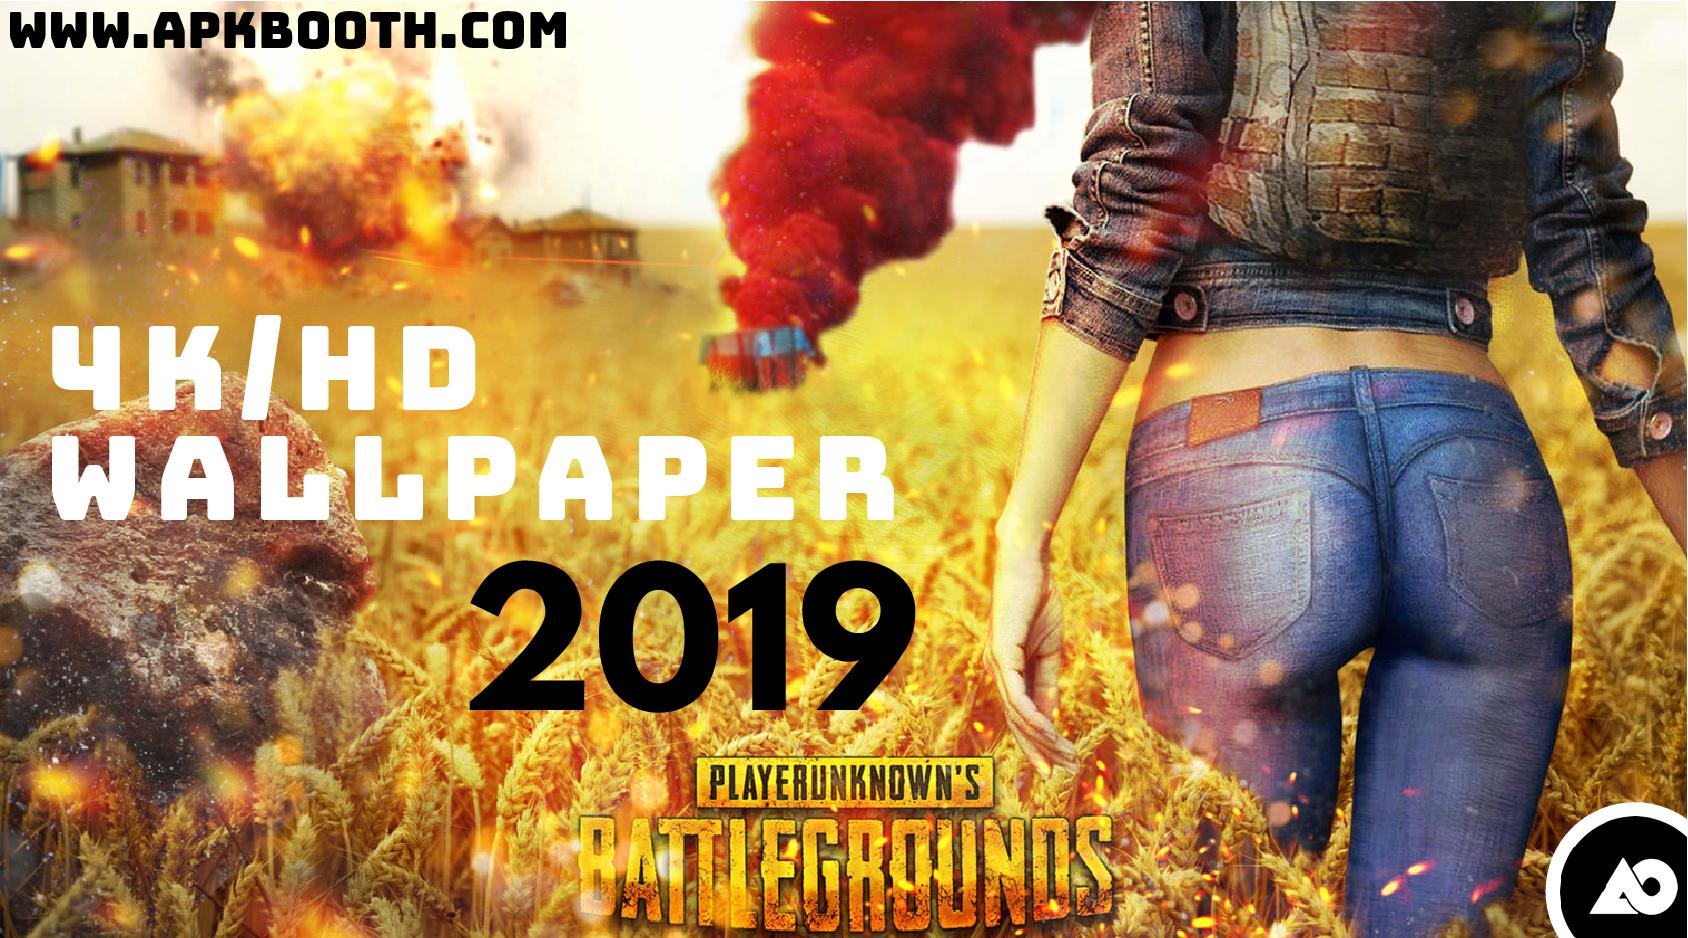 PUBG Wallpaper 4KHD of 2019 Download 1688x938